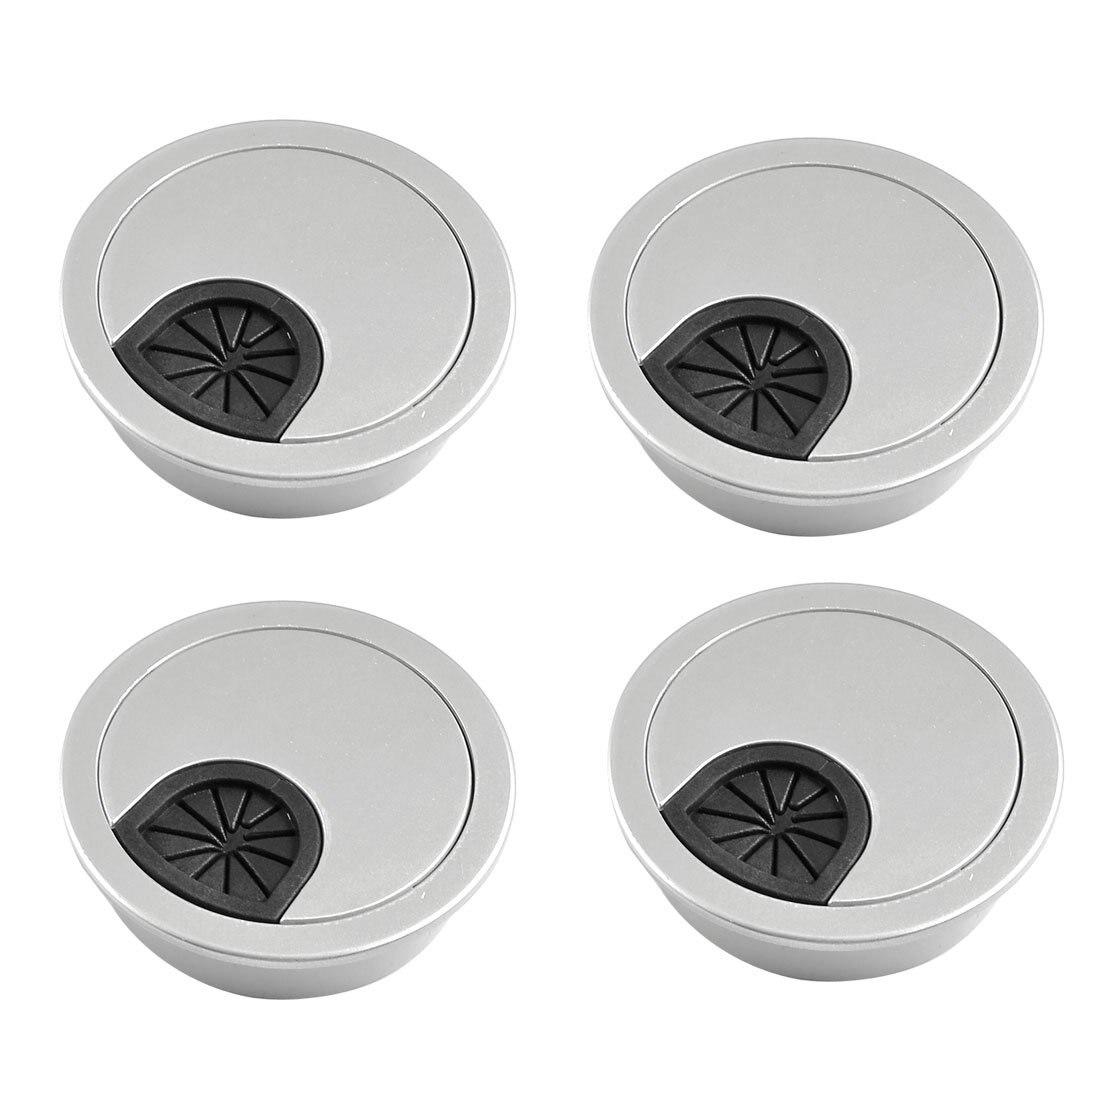 BSBL 4 Pcs Round Shape Silver Tone Plastic Desk Grommet Table Hole Cover